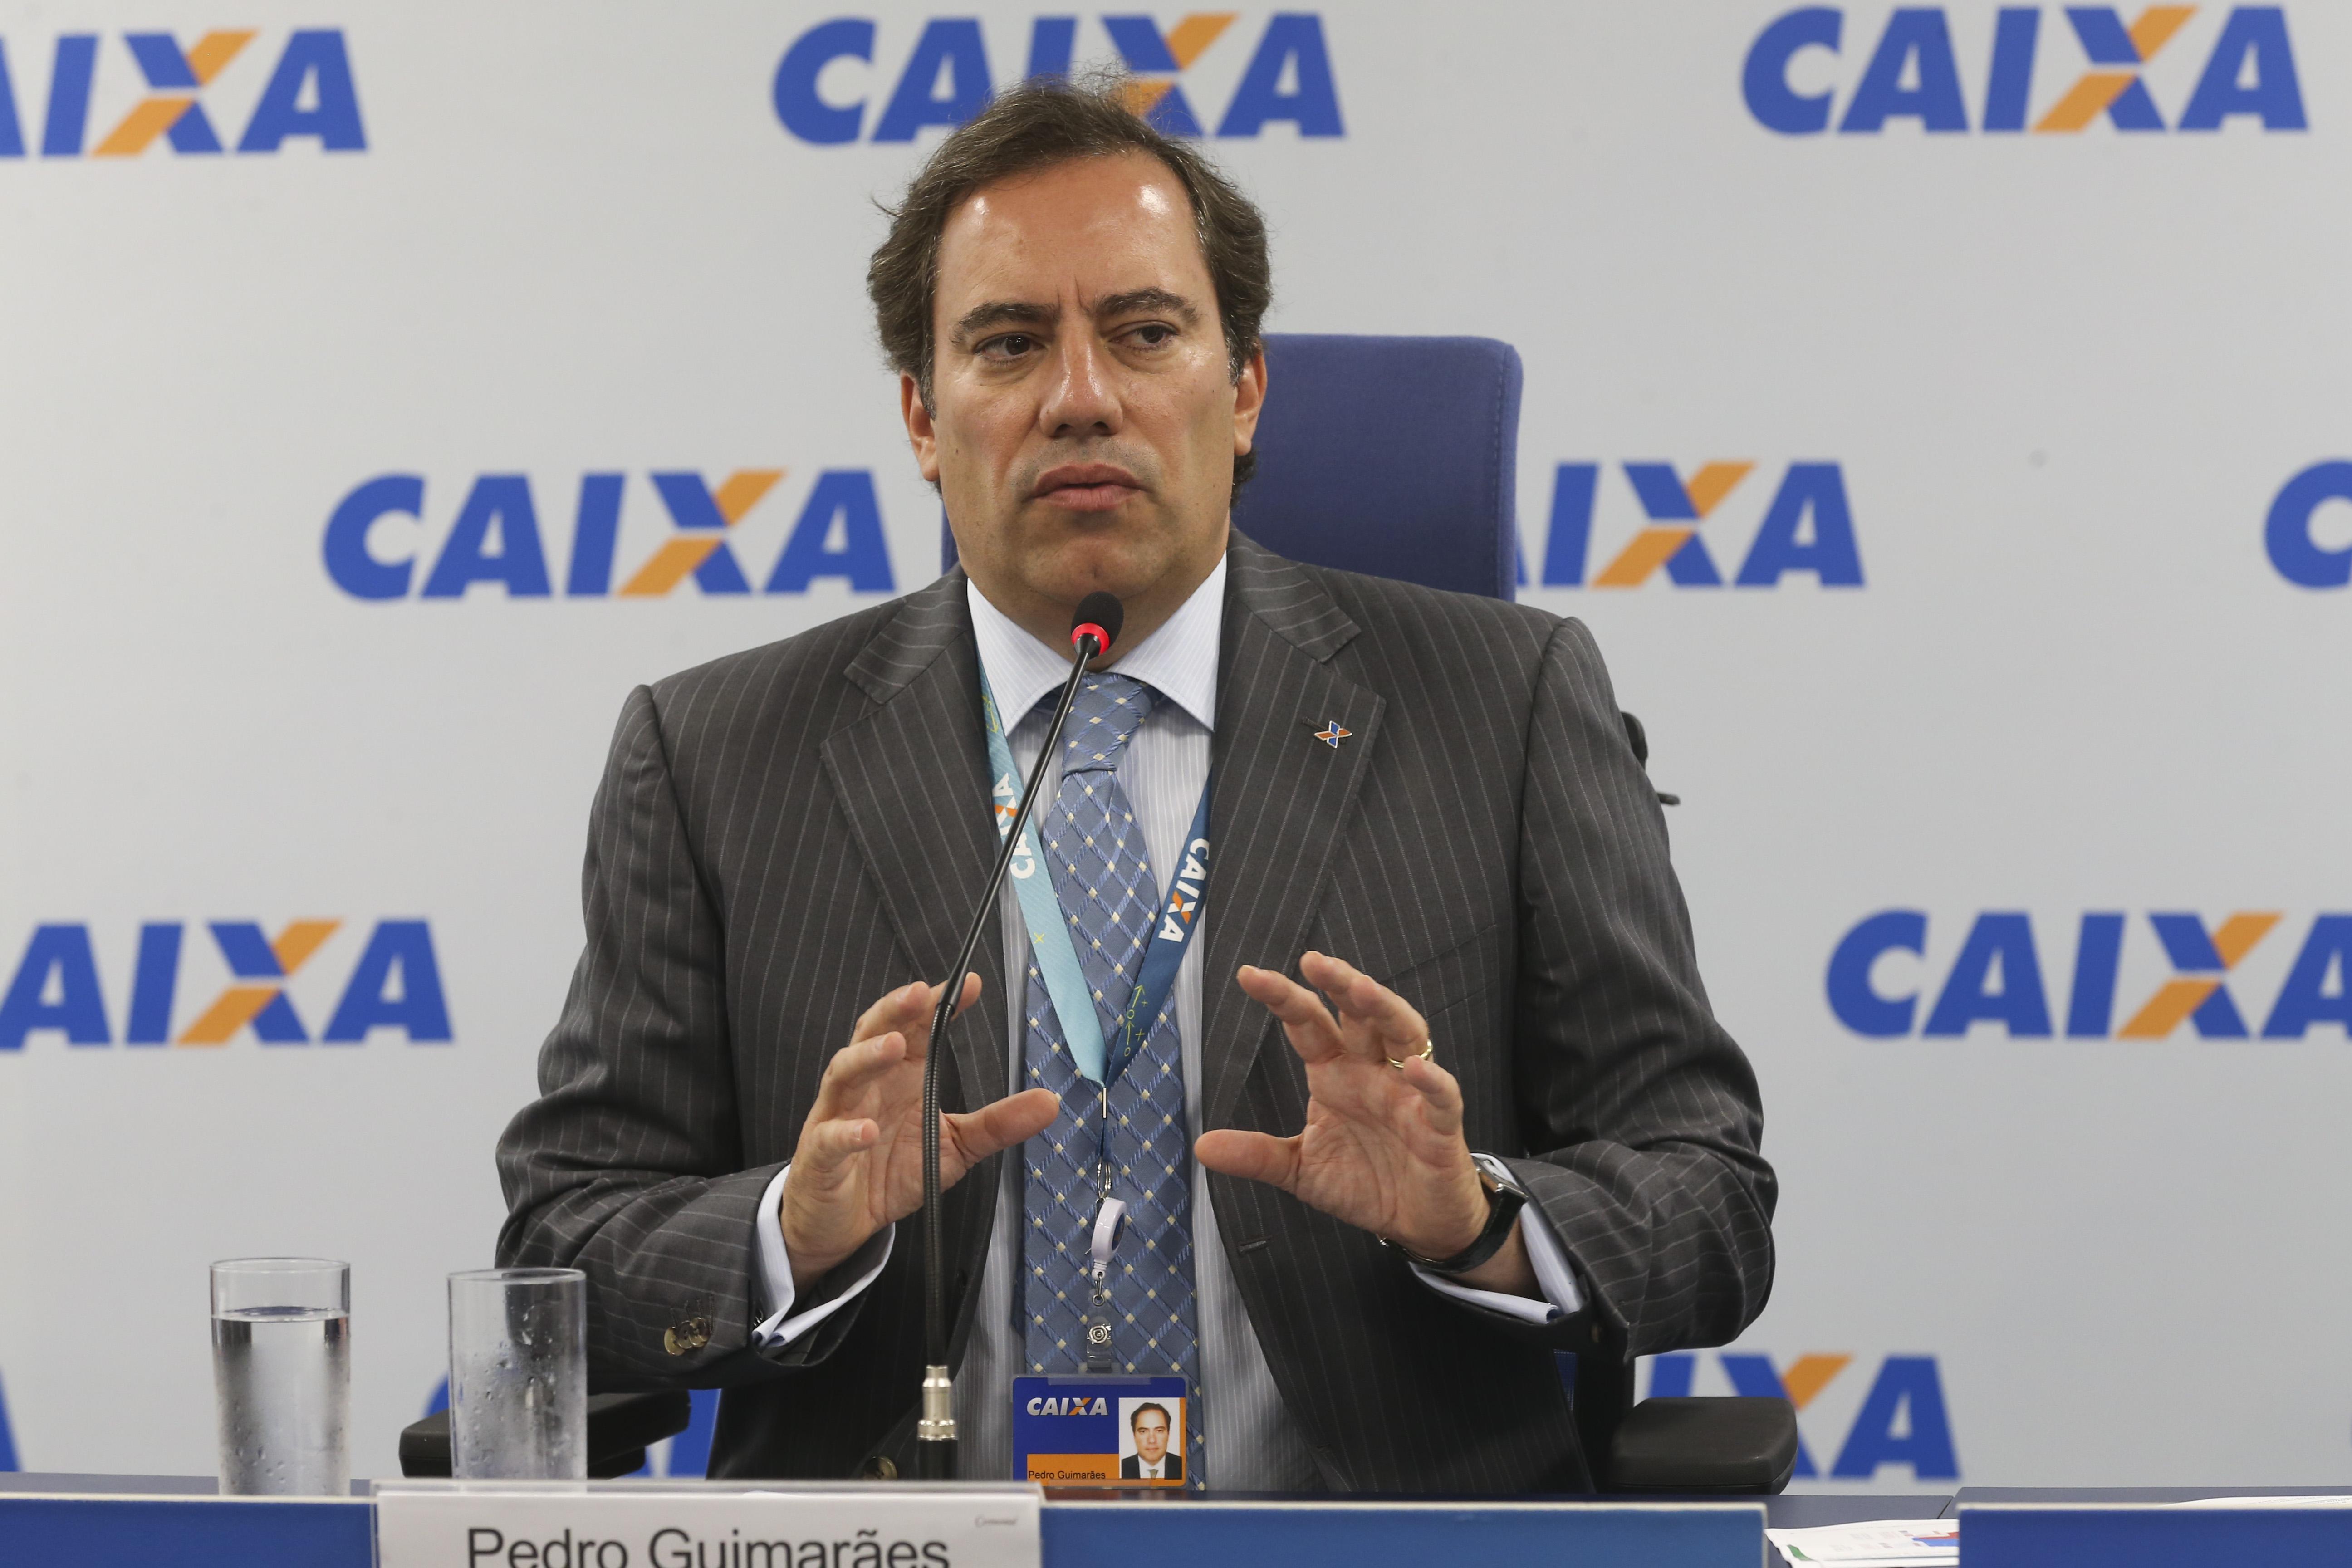 O presidente da Caixa, Pedro Guimarães, anúncia redução das taxas de juros para crédito imobiliário com recursos do SBPE em 2019